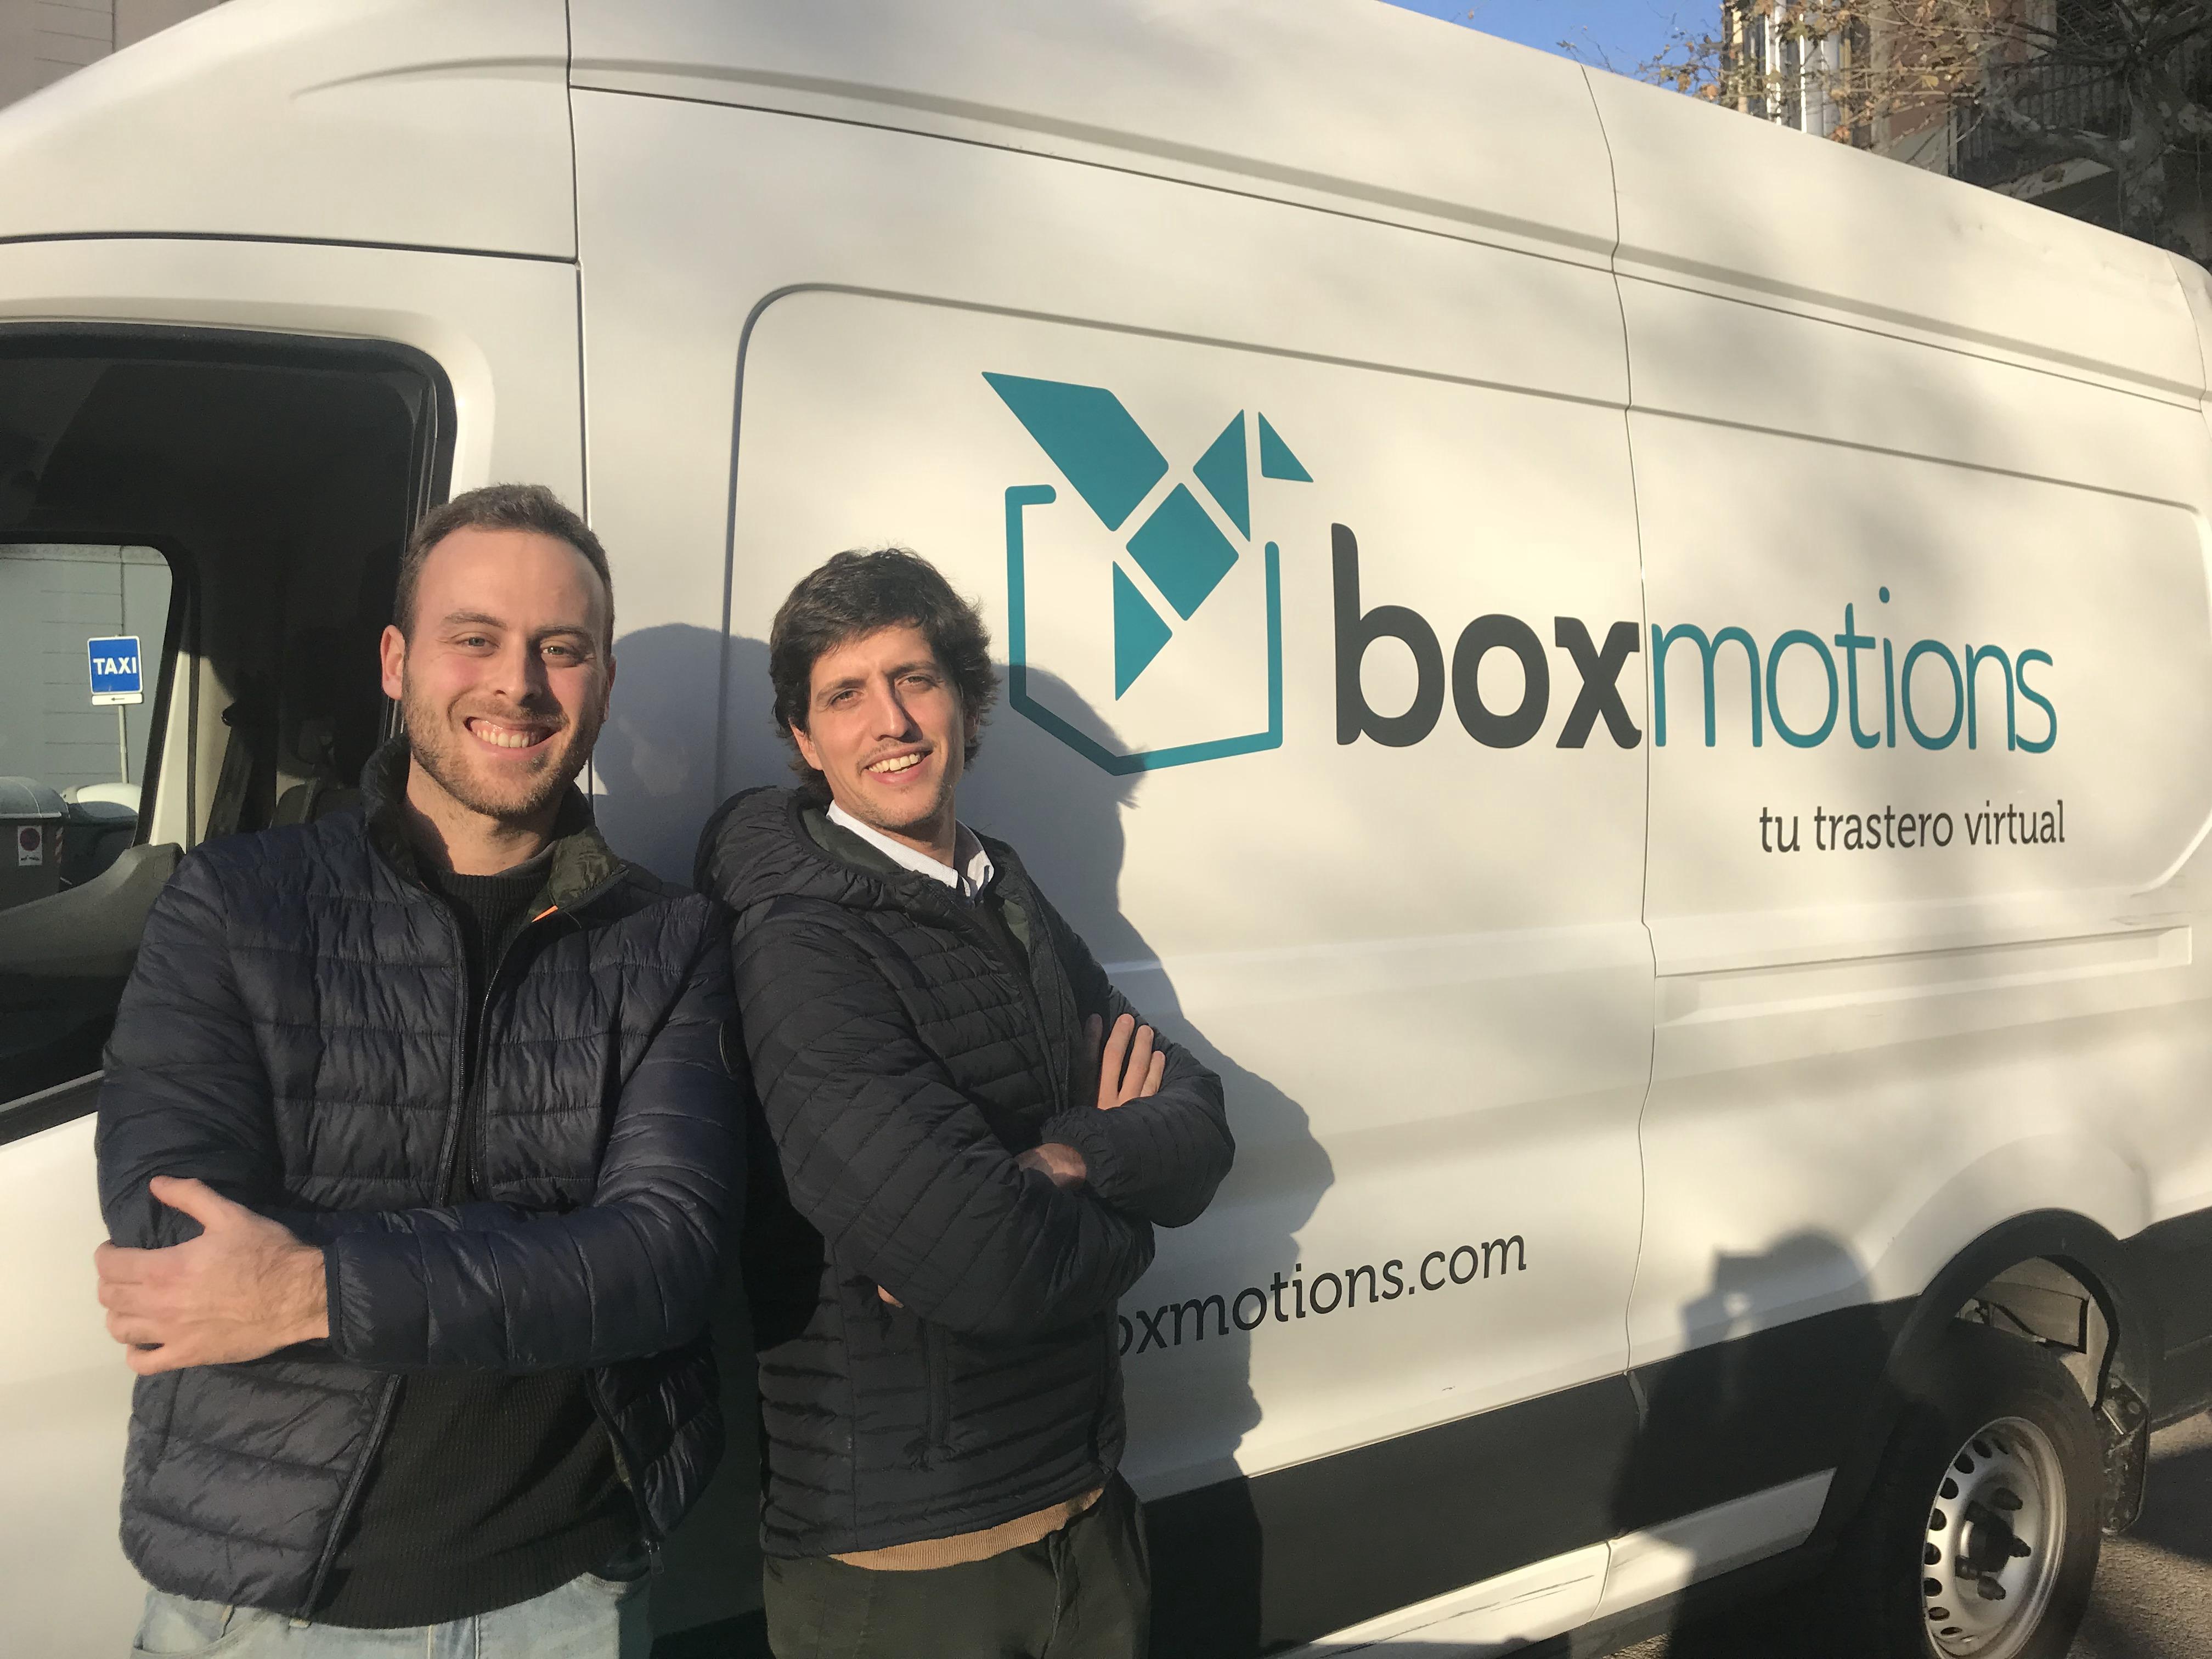 """Boxmotions: """"Somos capaces de deslocalizar los trasteros del centro de las ciudades"""""""